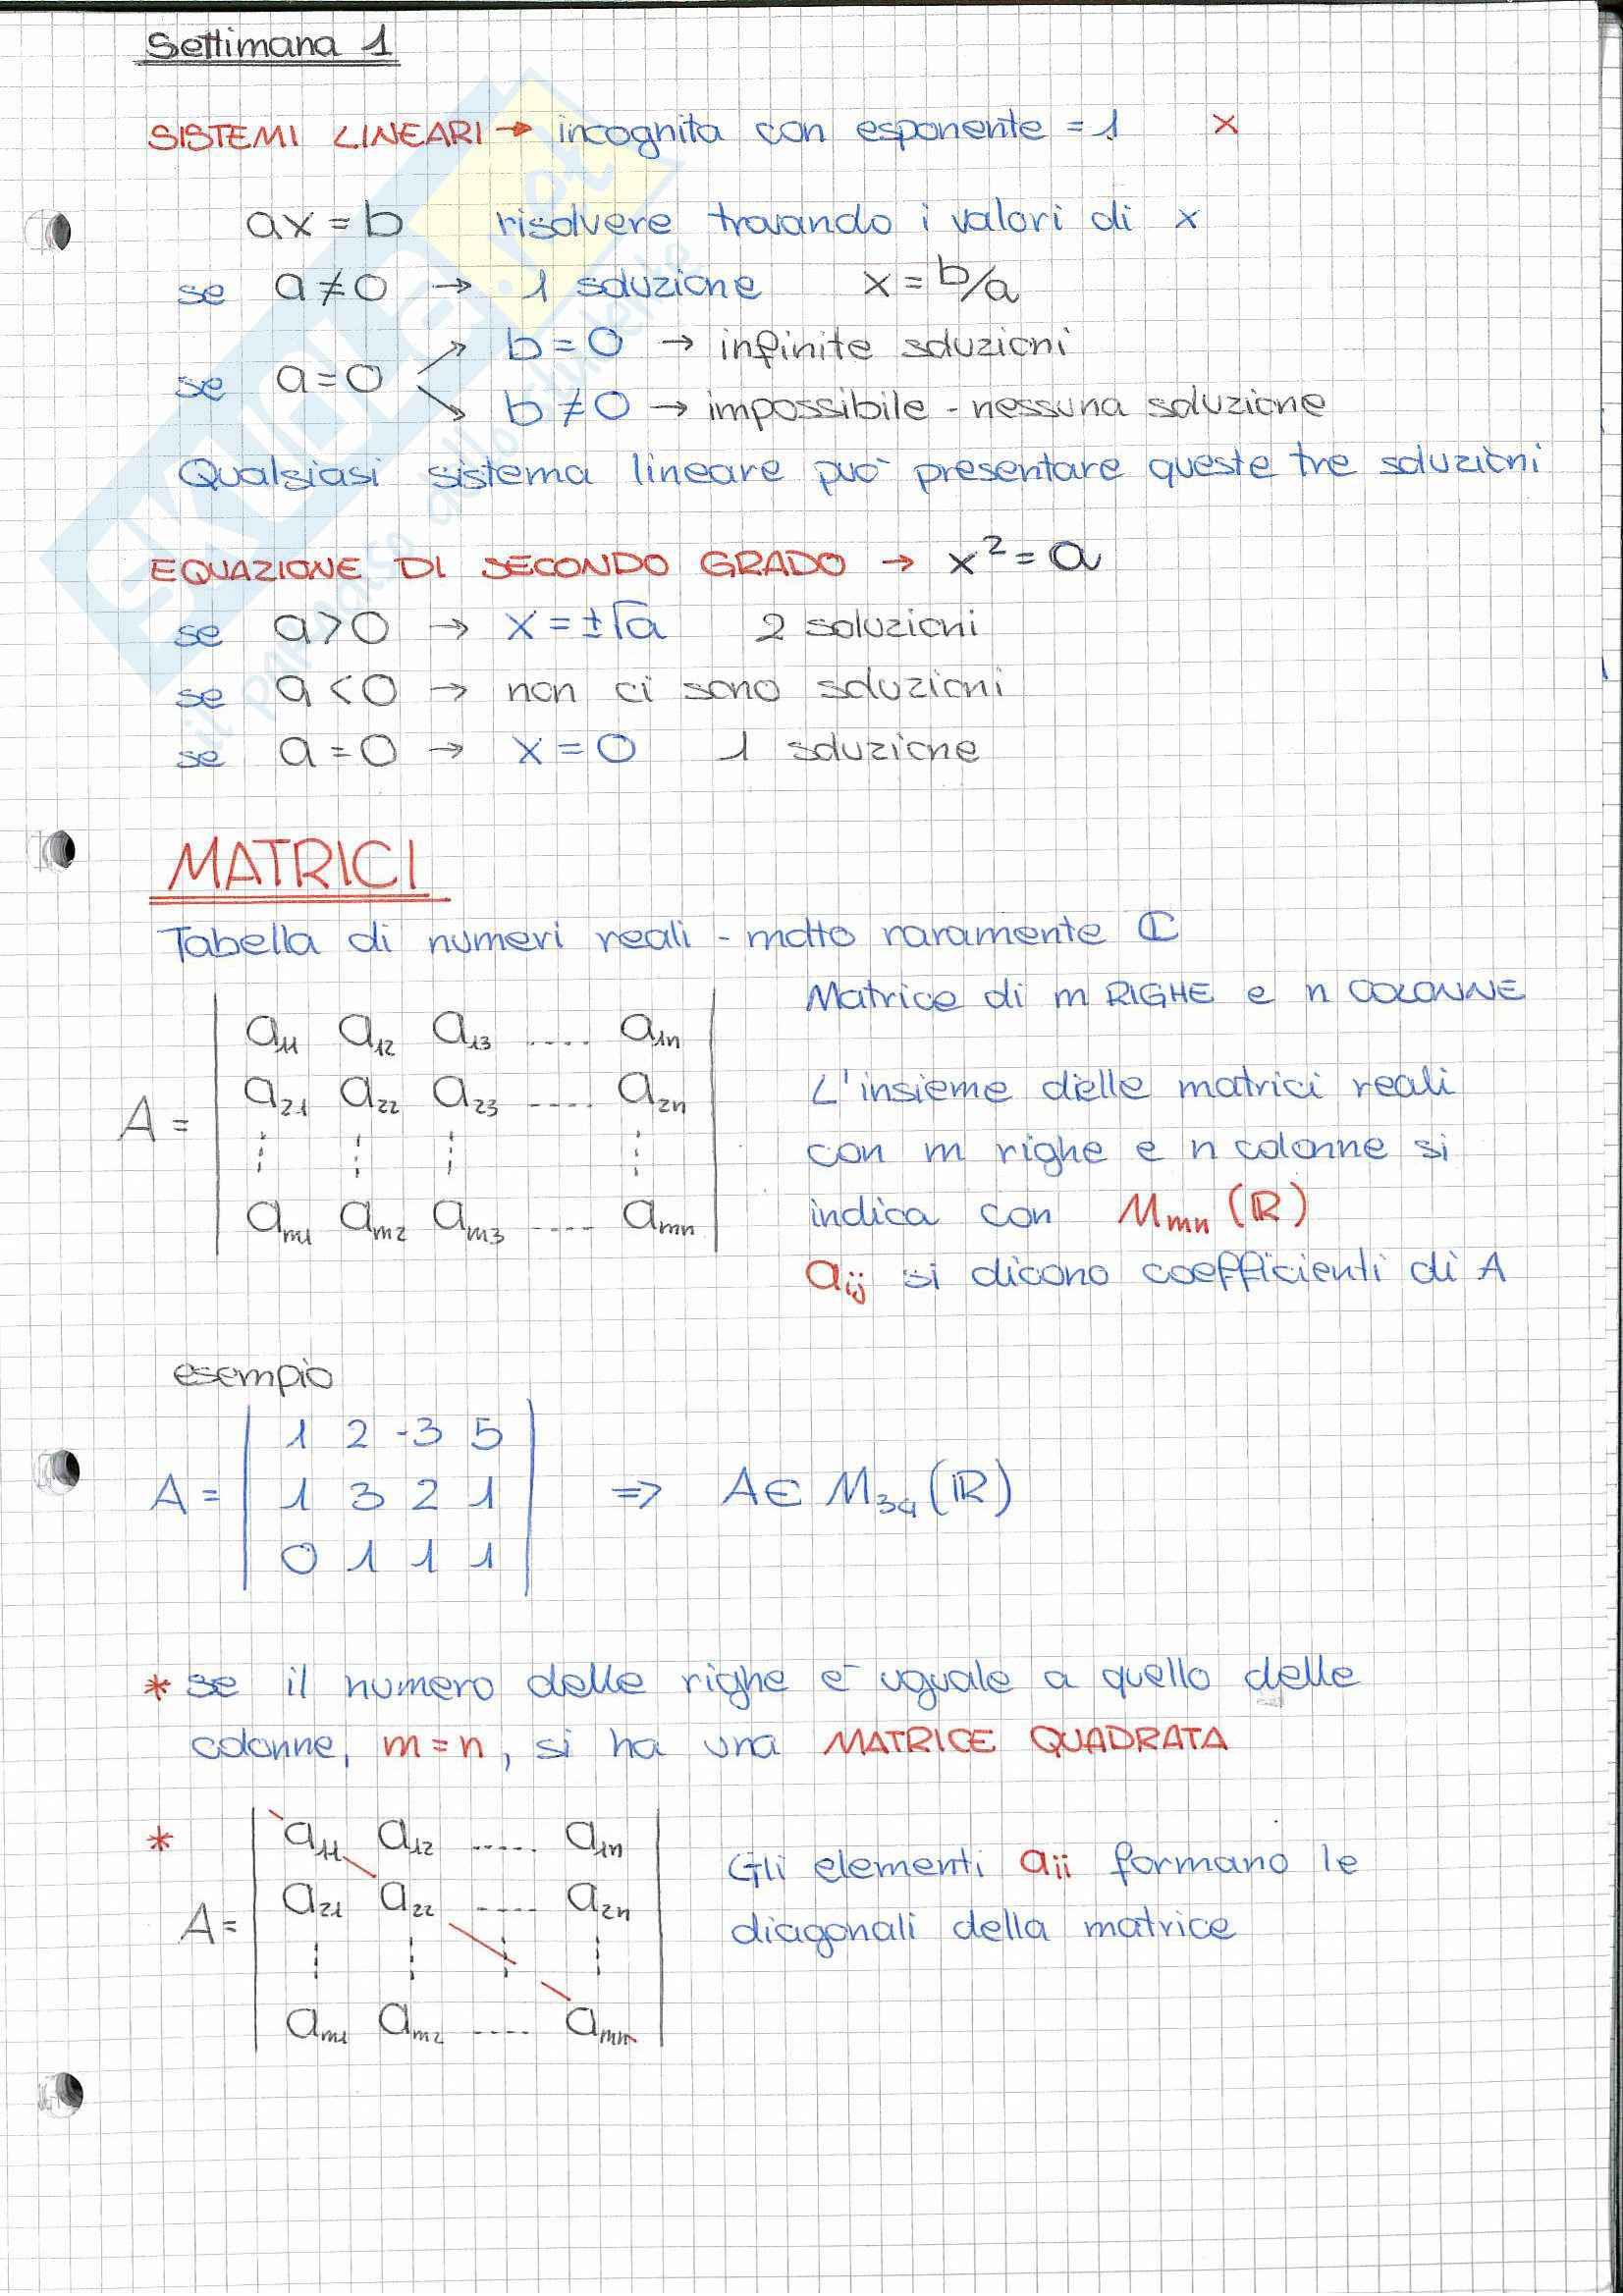 Riassunto esame Geometria (Algebra Lineare), prof. Nelli, libro consigliato Algebra lineare, Capocasa, Medori